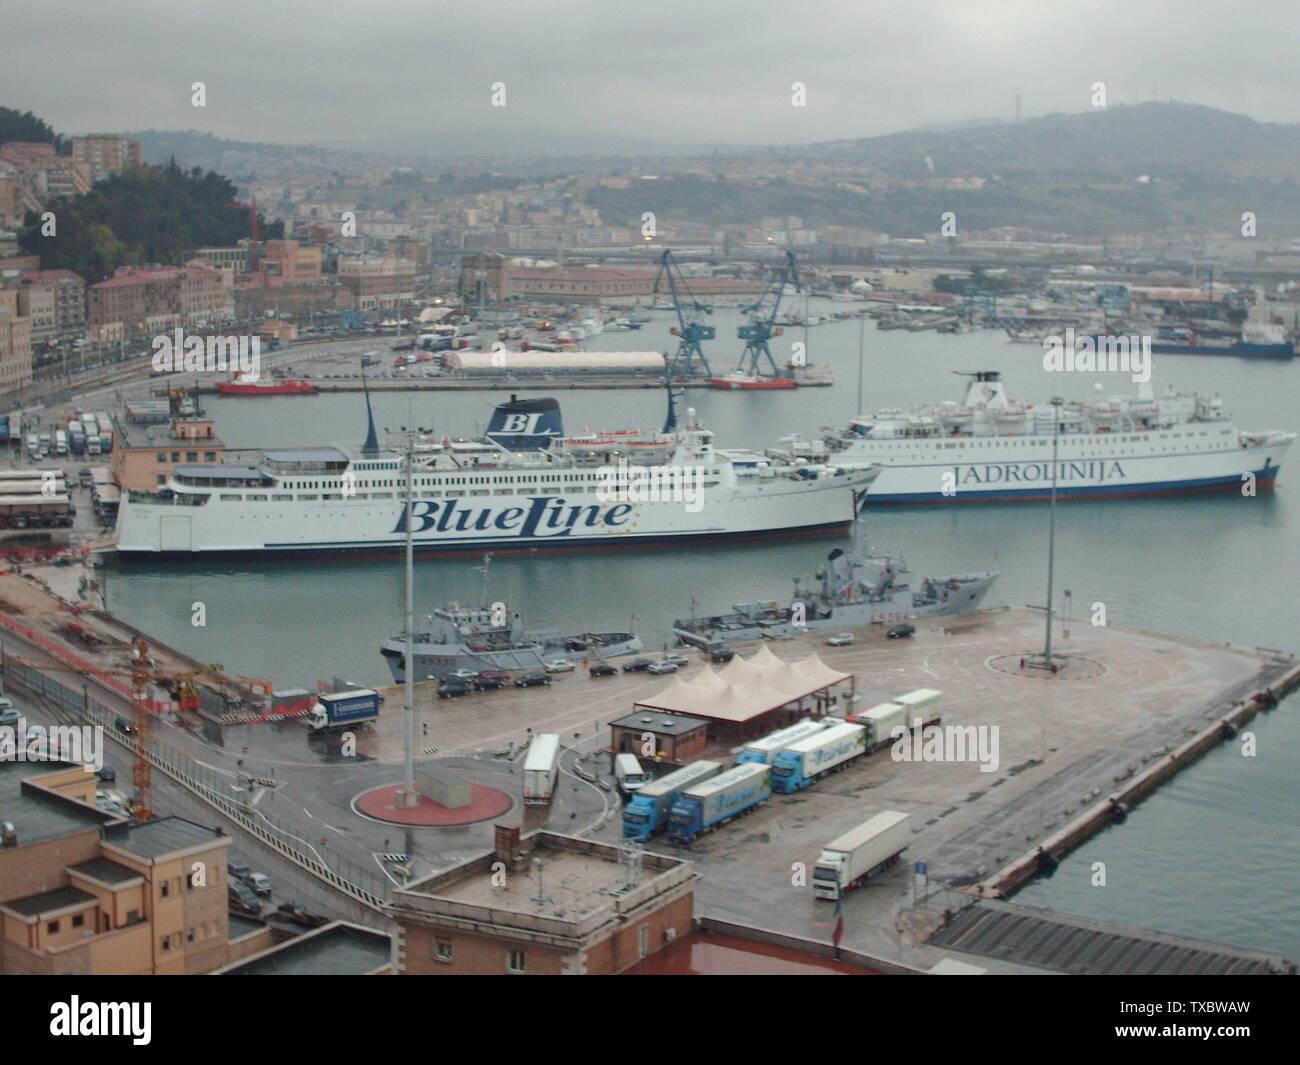 il porto di Ancona in lantanza. Il porto di Ancona, Italia. I traghetti  sono la MV